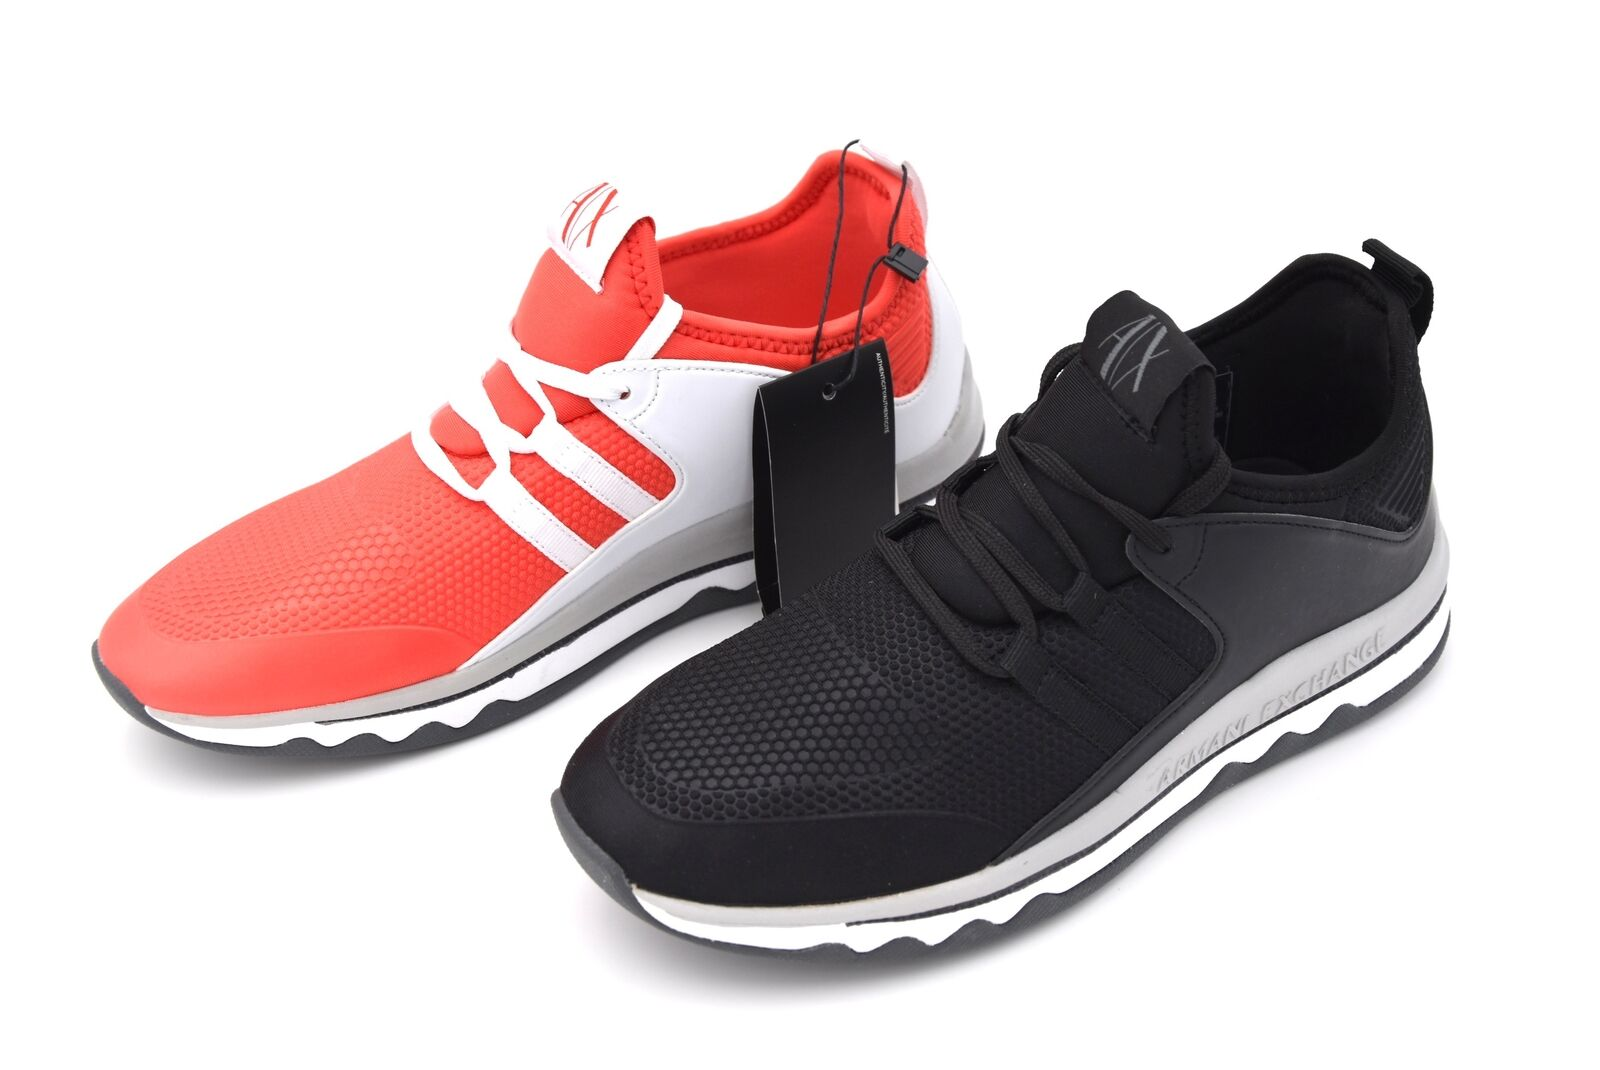 Armani Exchange Hombre Mujer Casual Zapatos Zapatillas De Tiempo Libre Código 945049 8P479